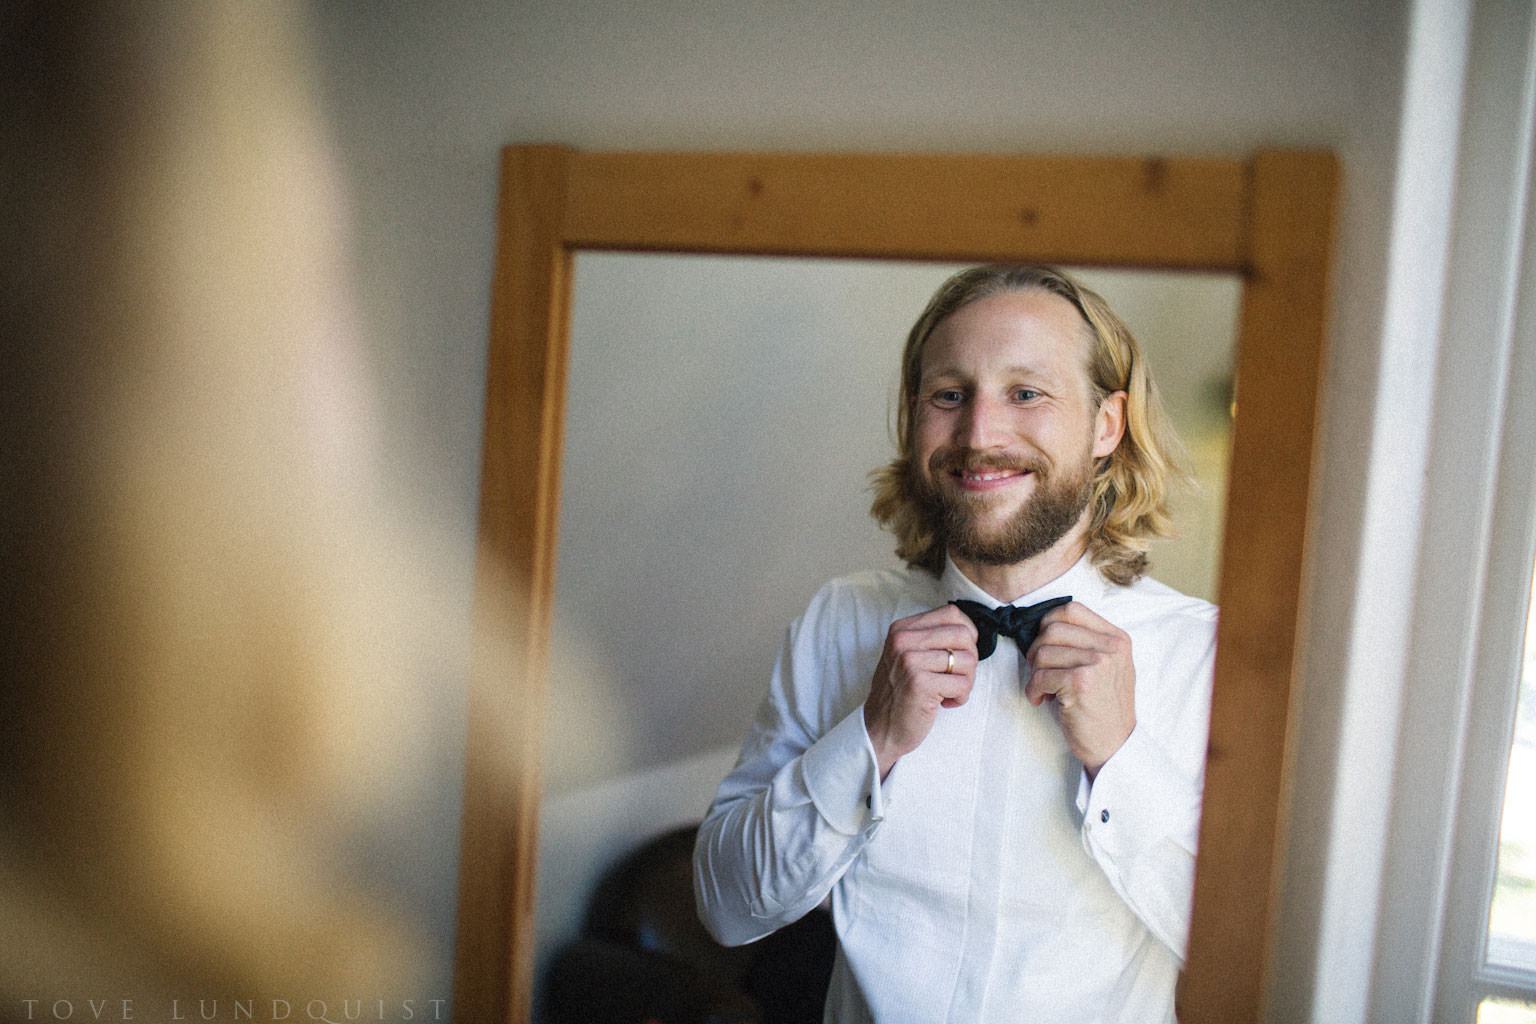 Förberedelser av brudgum på Örum 119 - Kafferosteriet på Österlen. Brudgummen har kläder från Oscar Jacobson. Foto: Tove Lundquist, verksam bröllopsfotograf på Österlen.